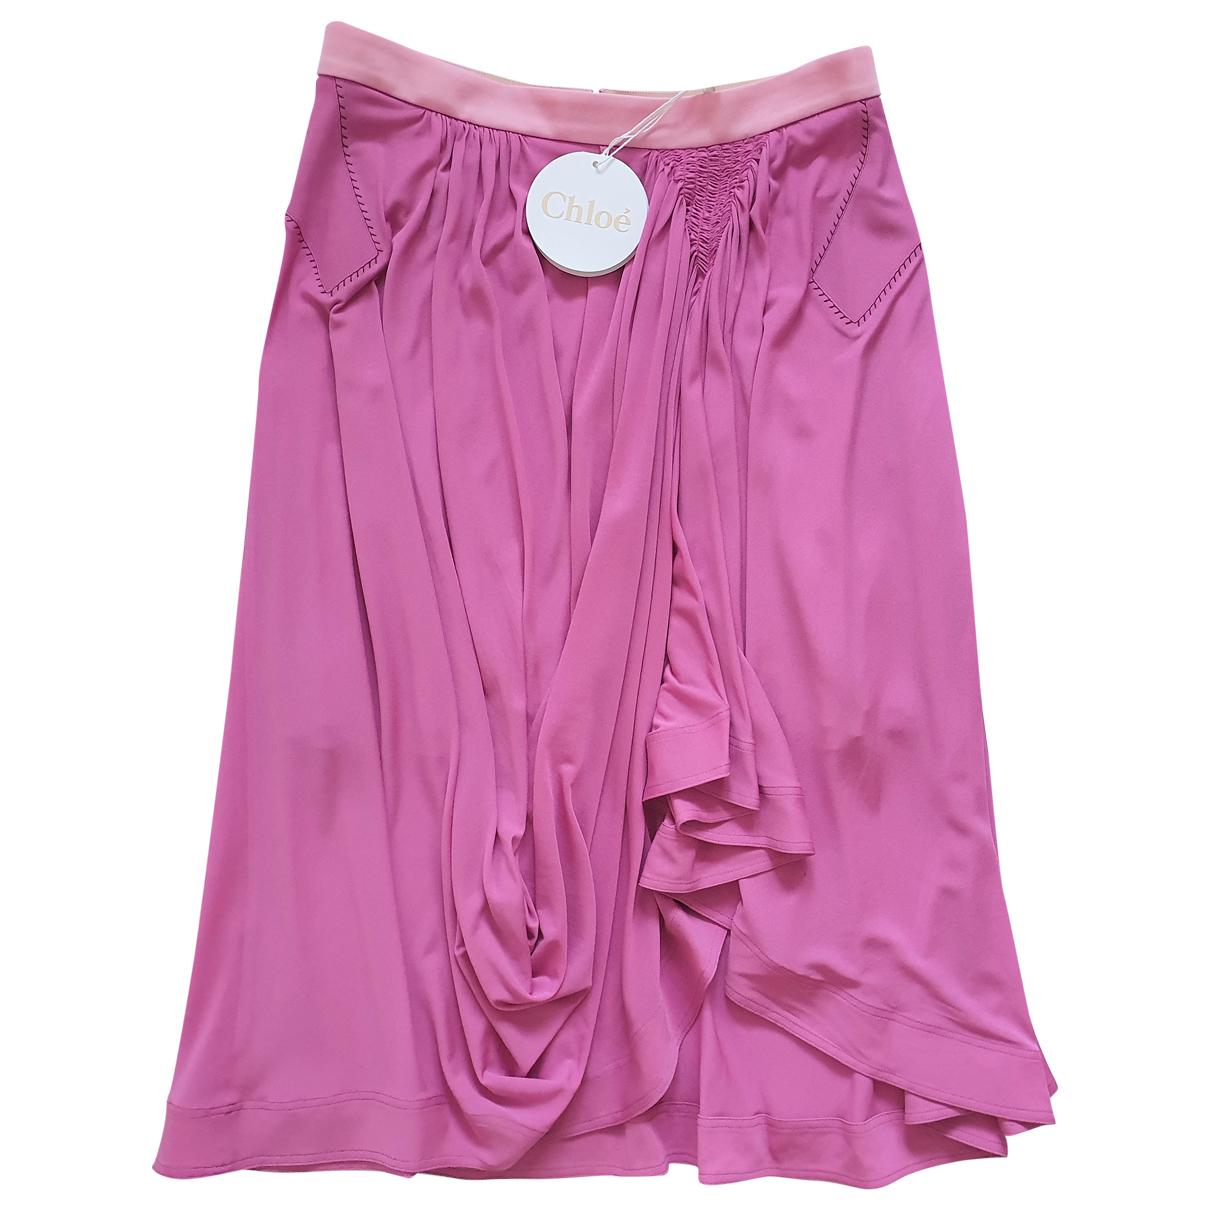 Chloé \N Pink skirt for Women 38 FR